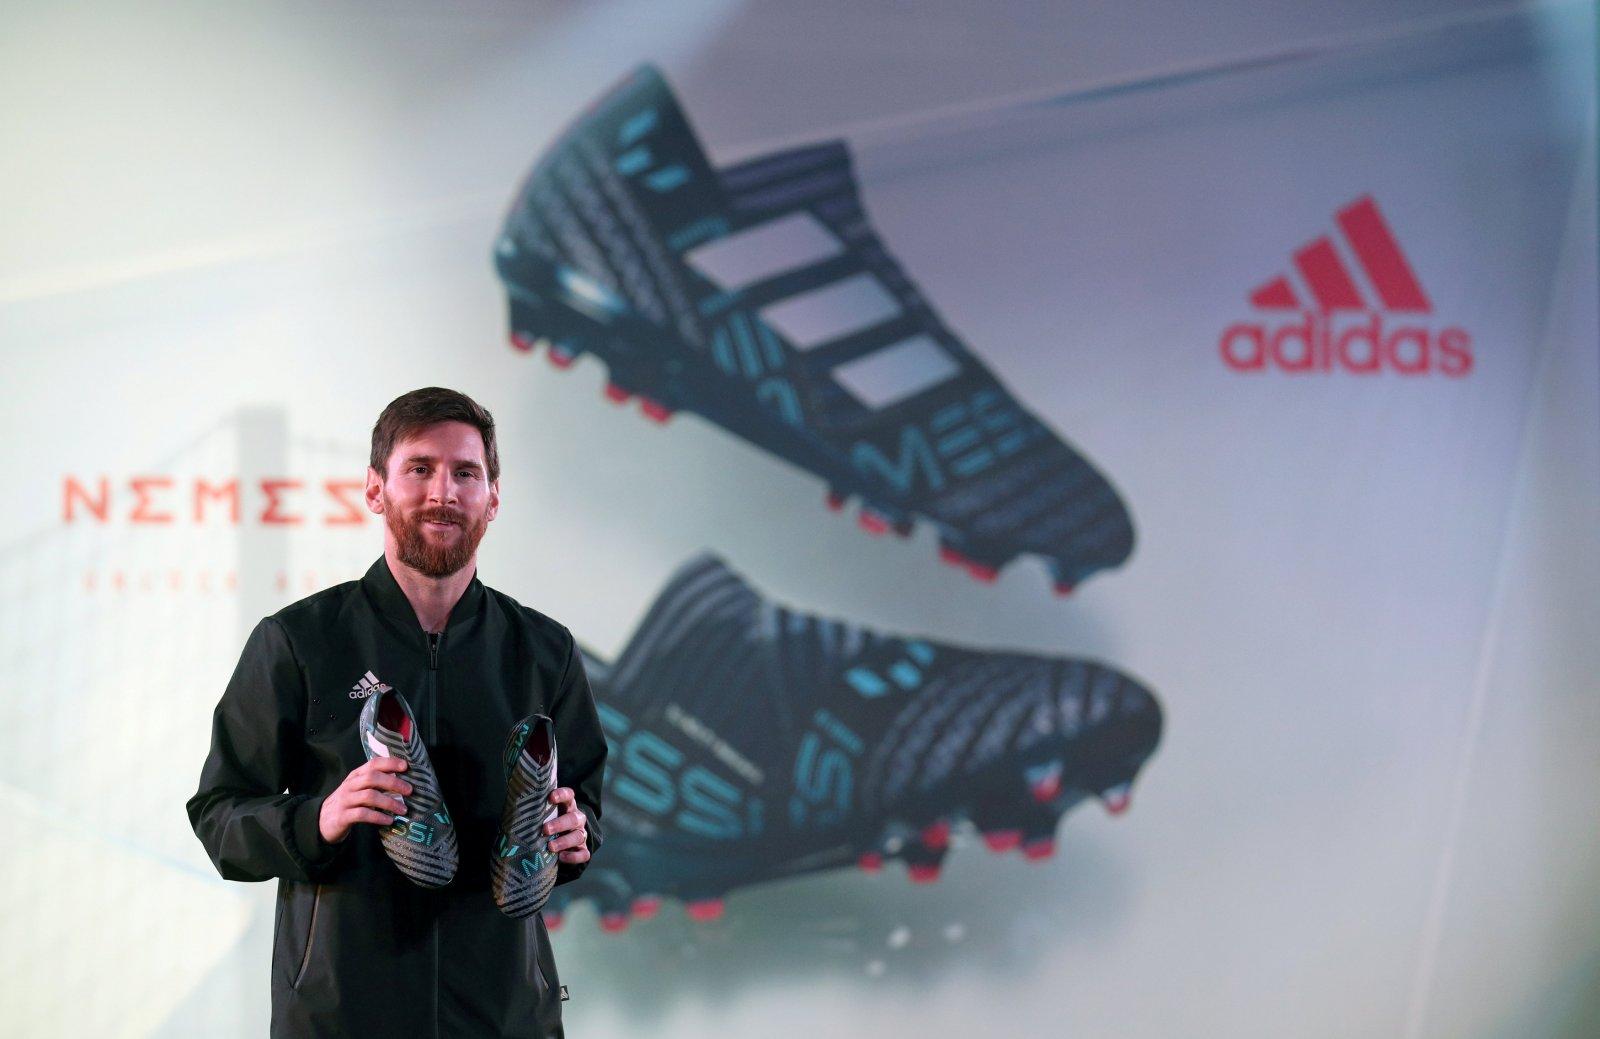 papelería Fácil de comprender eternamente  Lionel Messi's Adidas ad has a familiar link to last summer's football  madness   Digital Sport